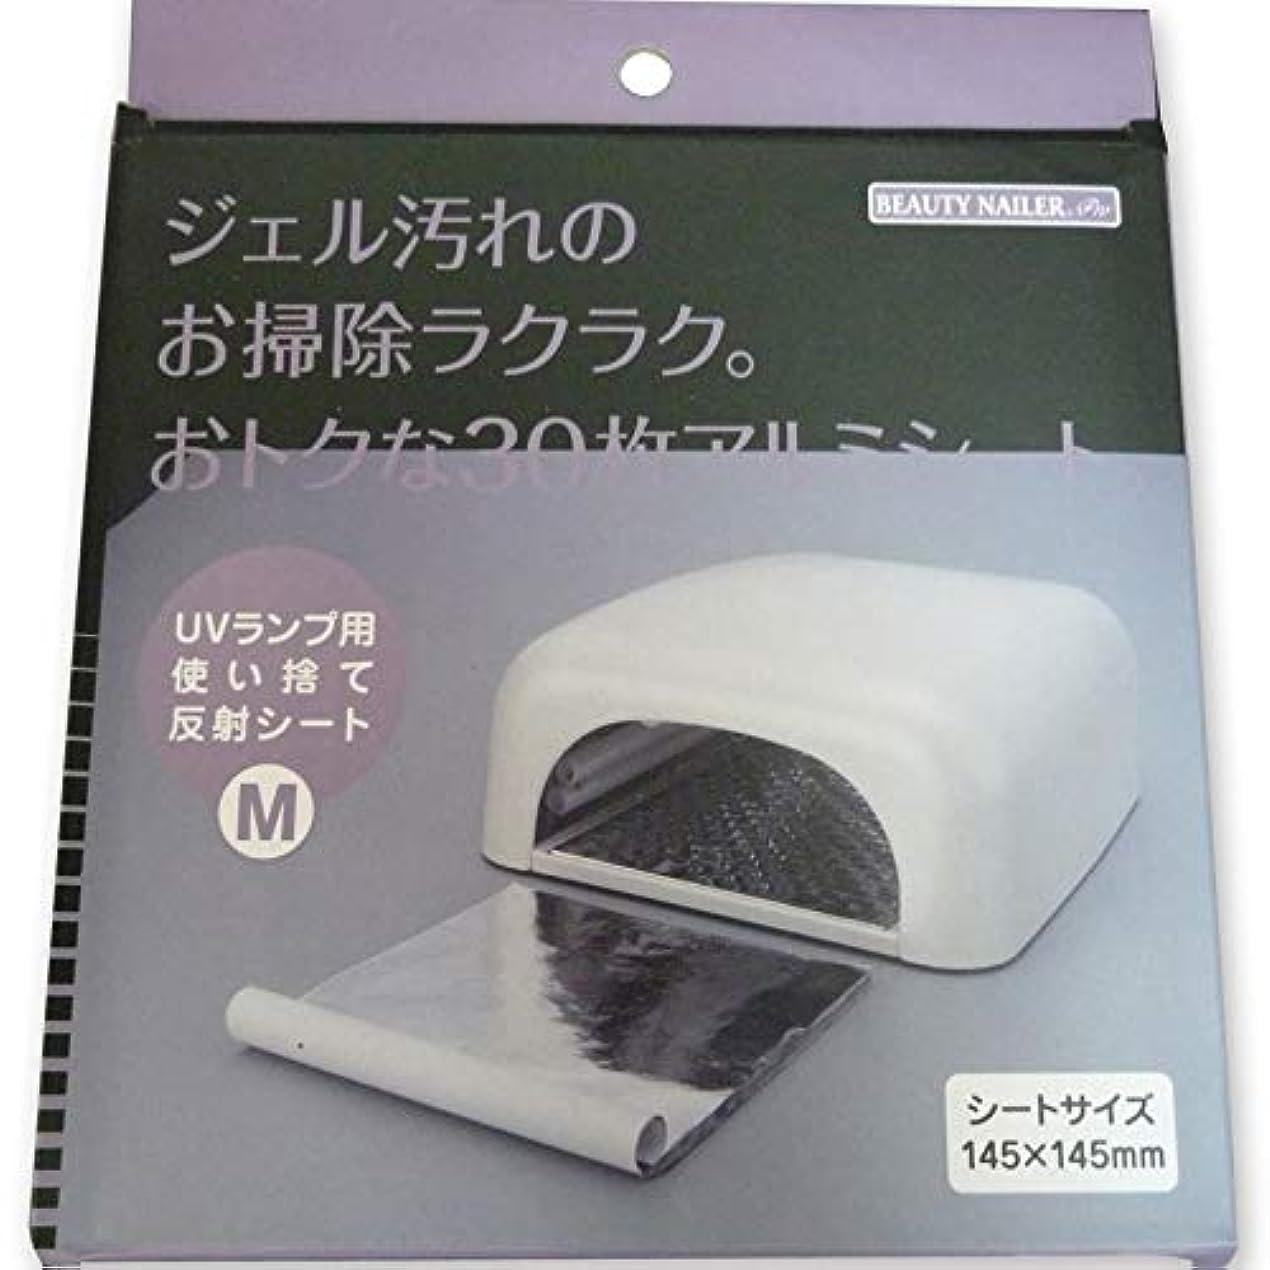 変更魅了する錆びビューティーネイラー ネイルケア UVランプ用使い捨て反射シートM UVH-1